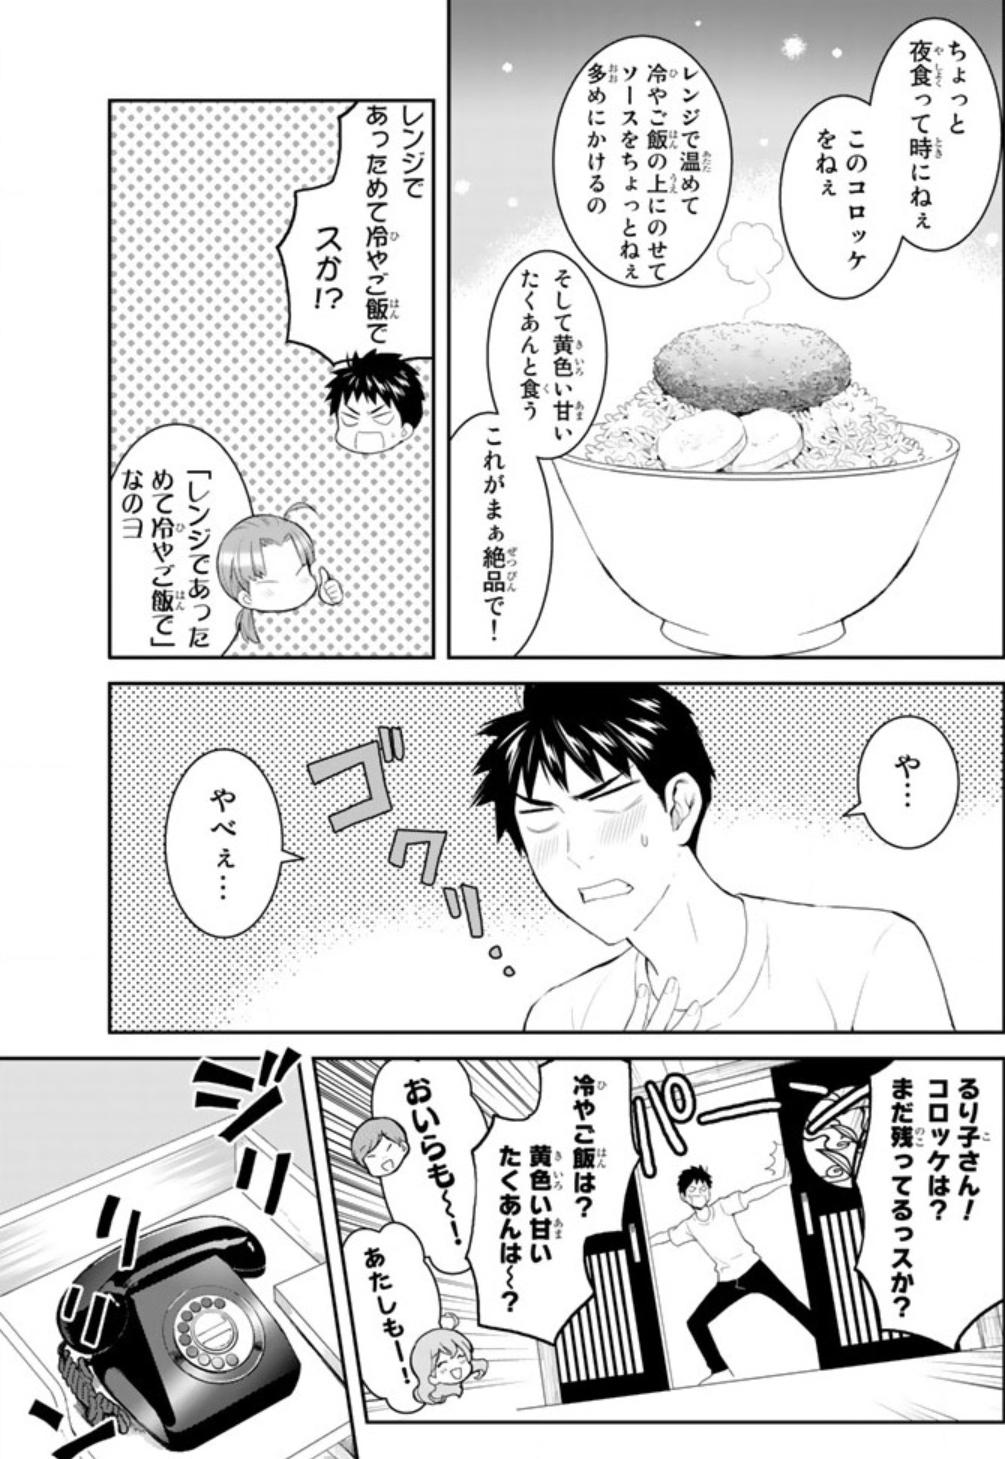 見所:飯テロ!とにかくご飯が美味しそう!